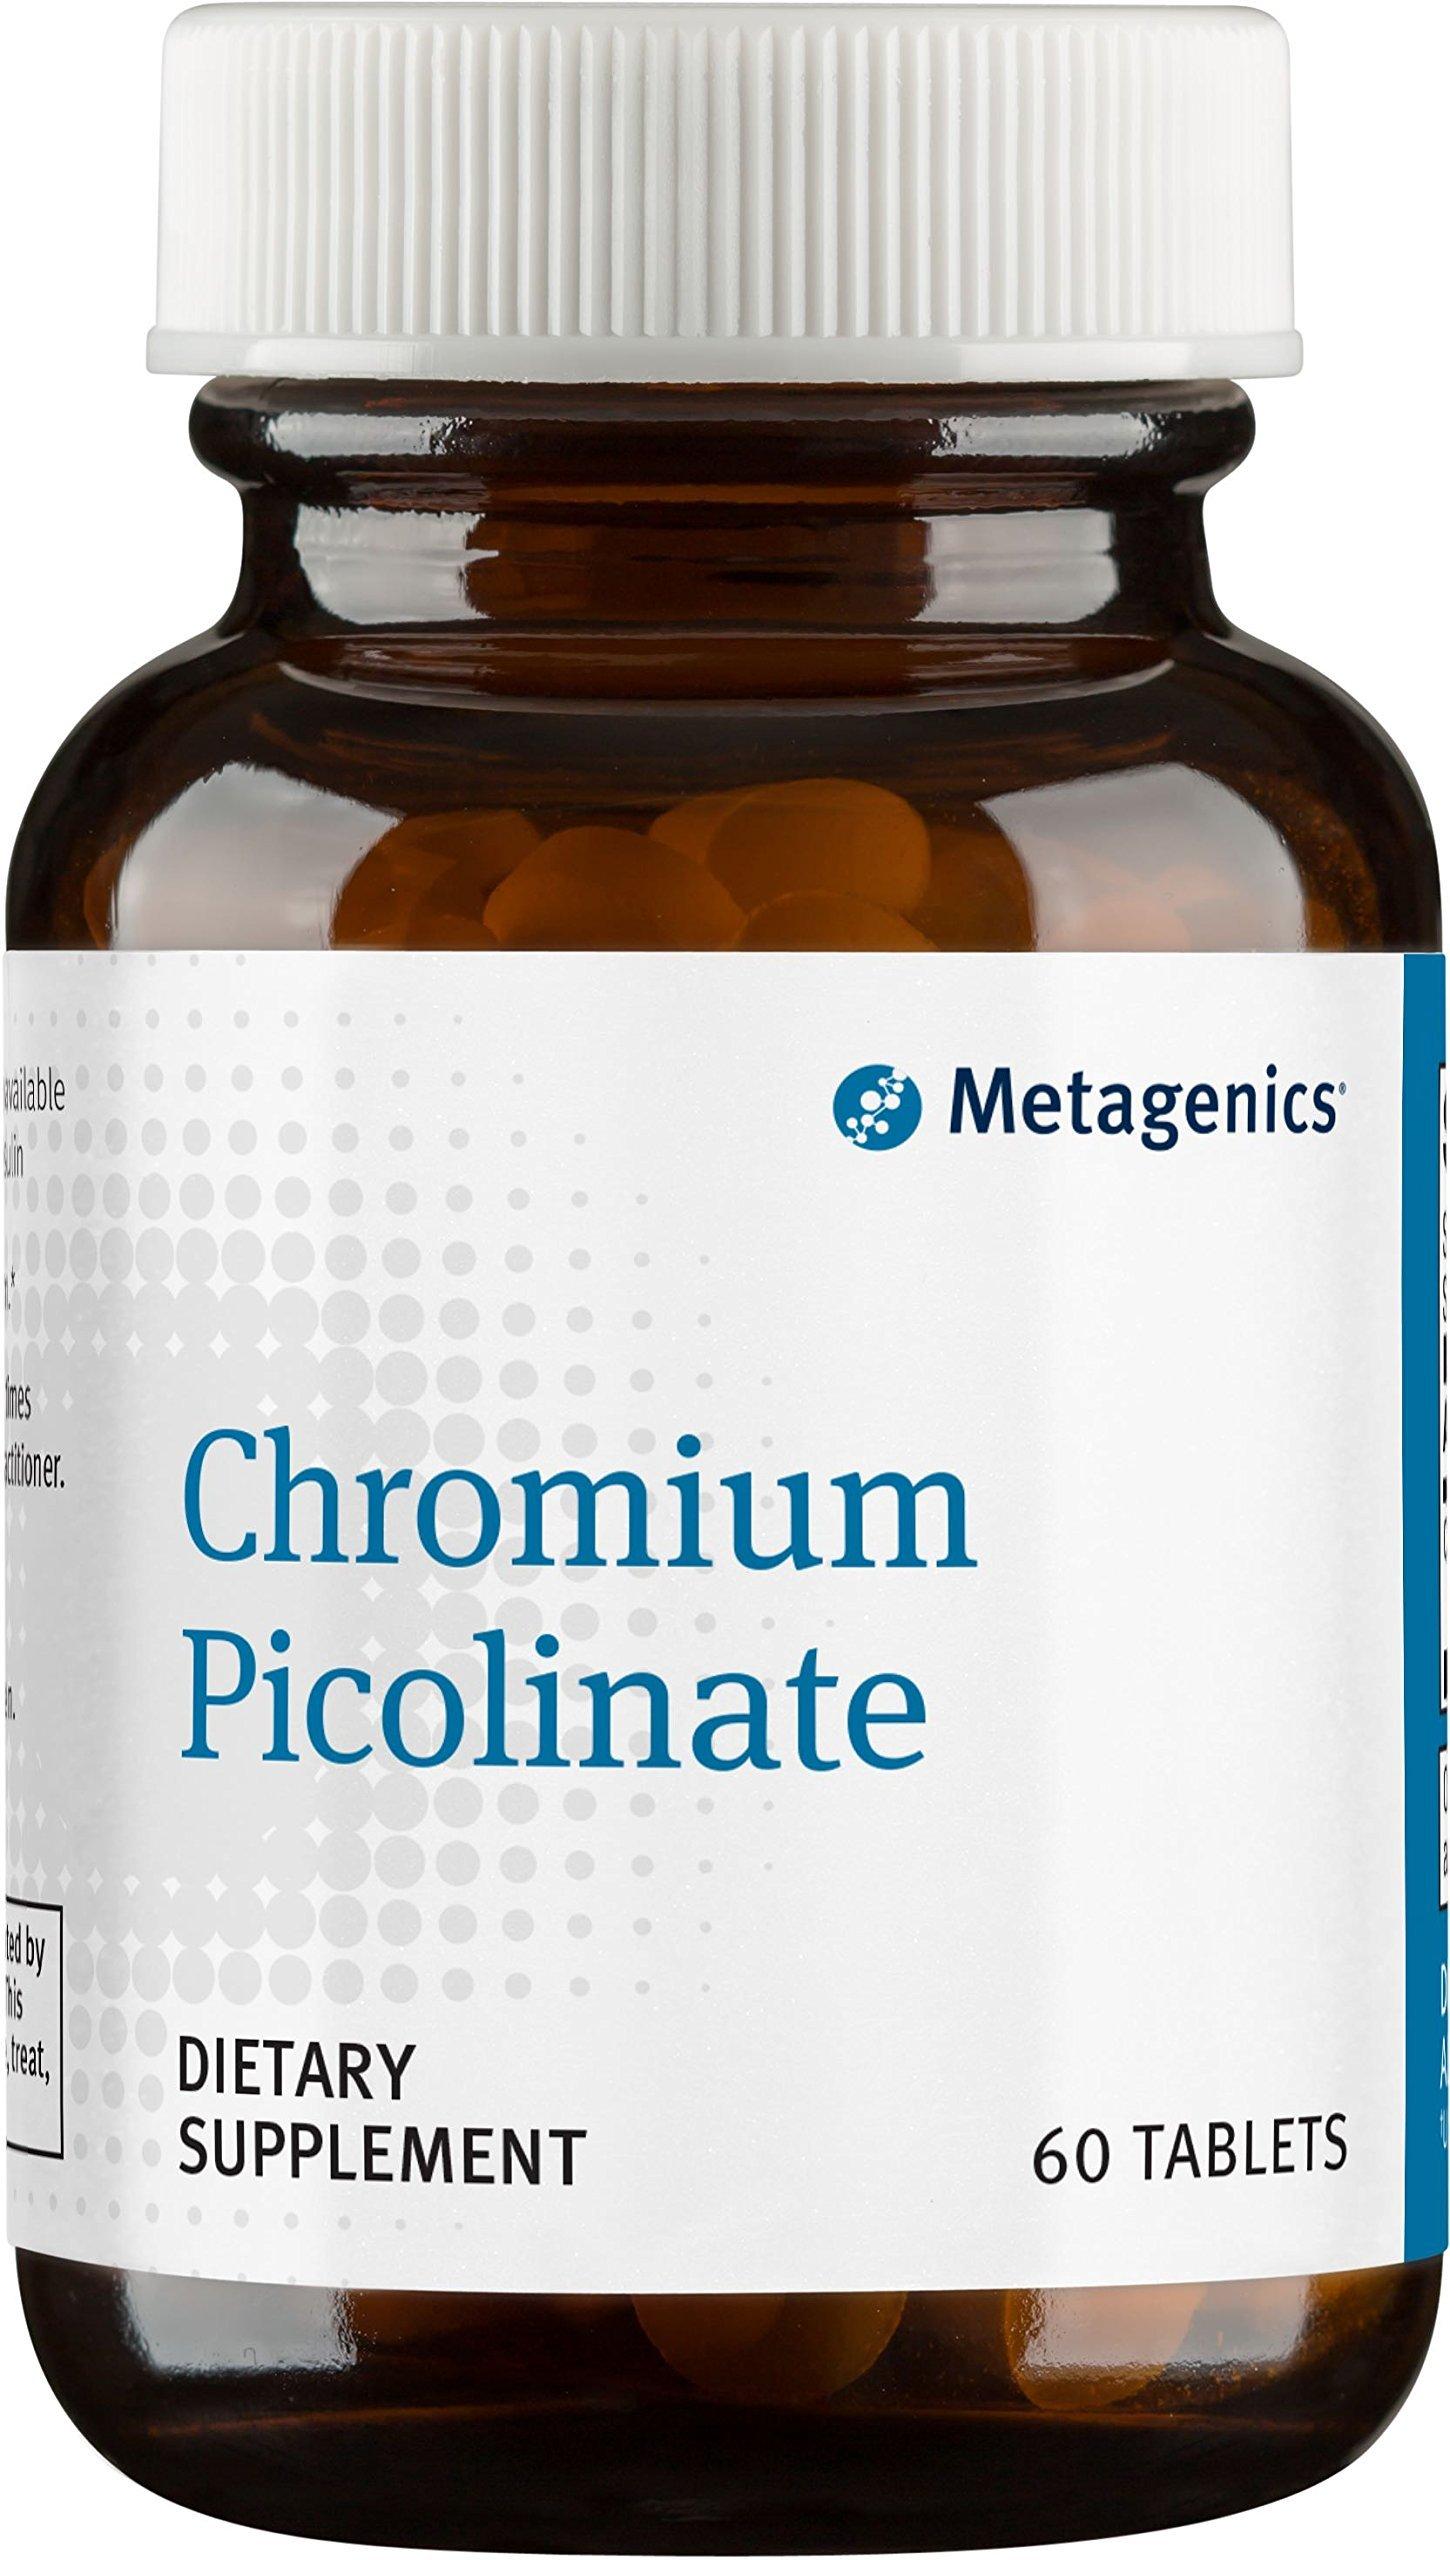 Metagenics Chromium Picolinate Tablets, 60 Count